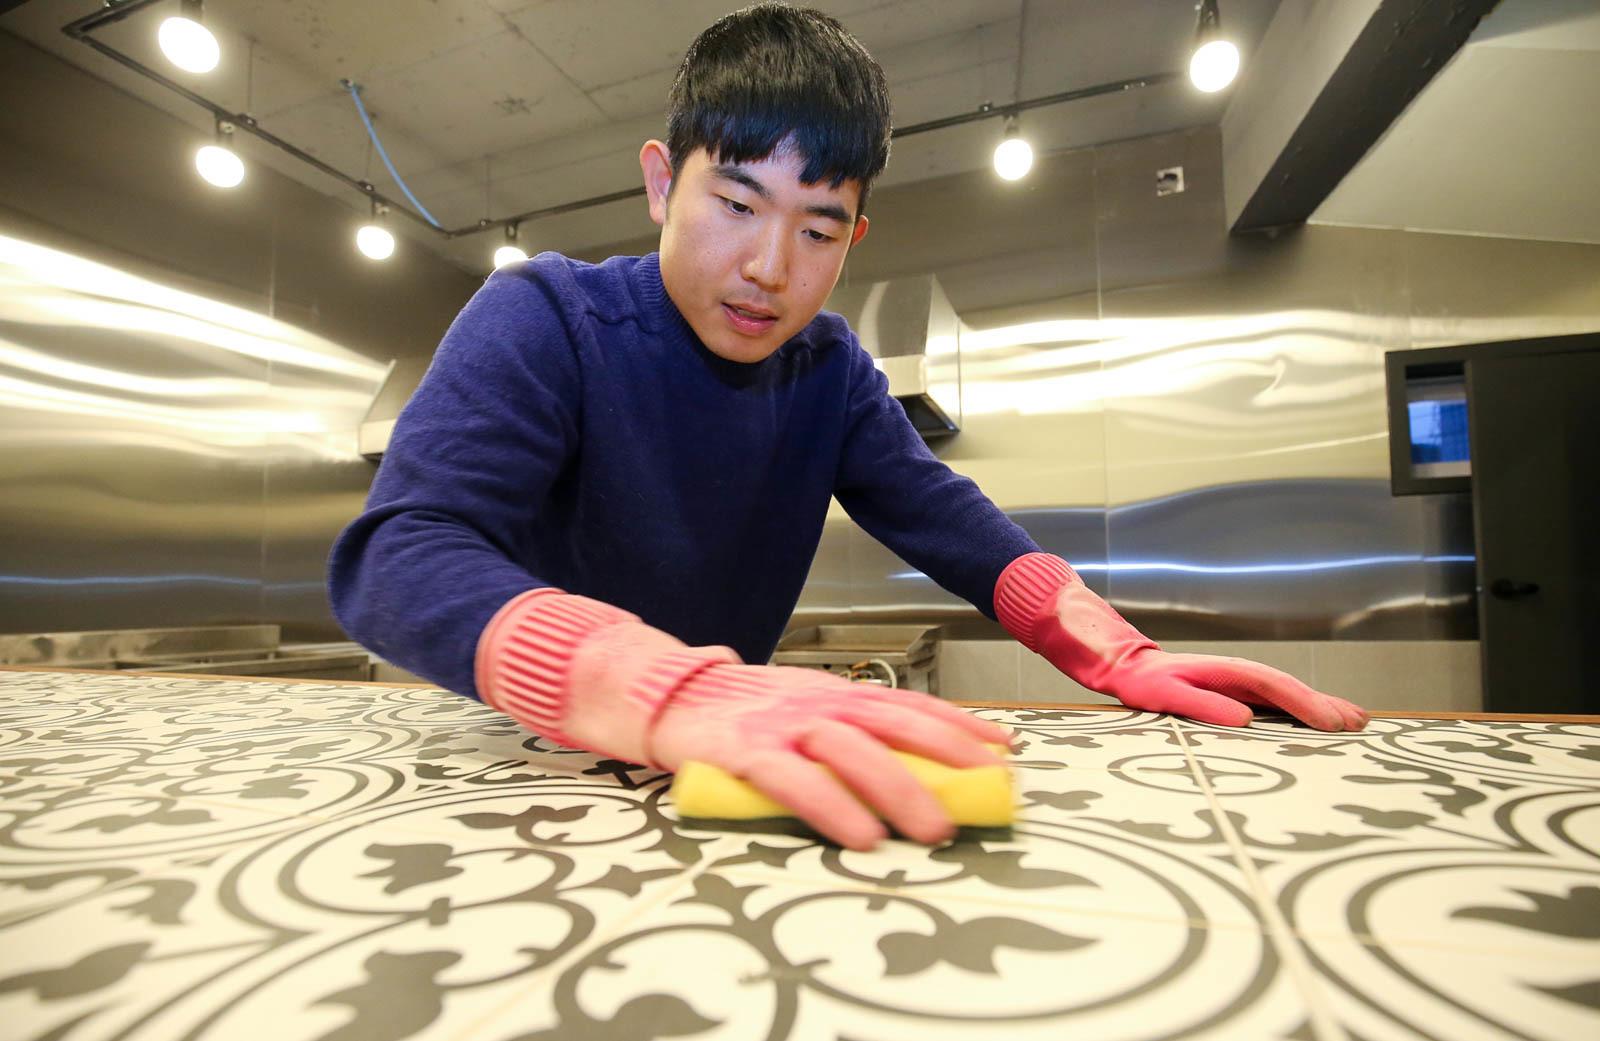 청년들의 직업 탐색을 돕는 사회적기업 창업을 꿈꾸는 유민수(26)씨가 '청년상상놀이터'에서 청소하는 모습. 프리랜서 장정필